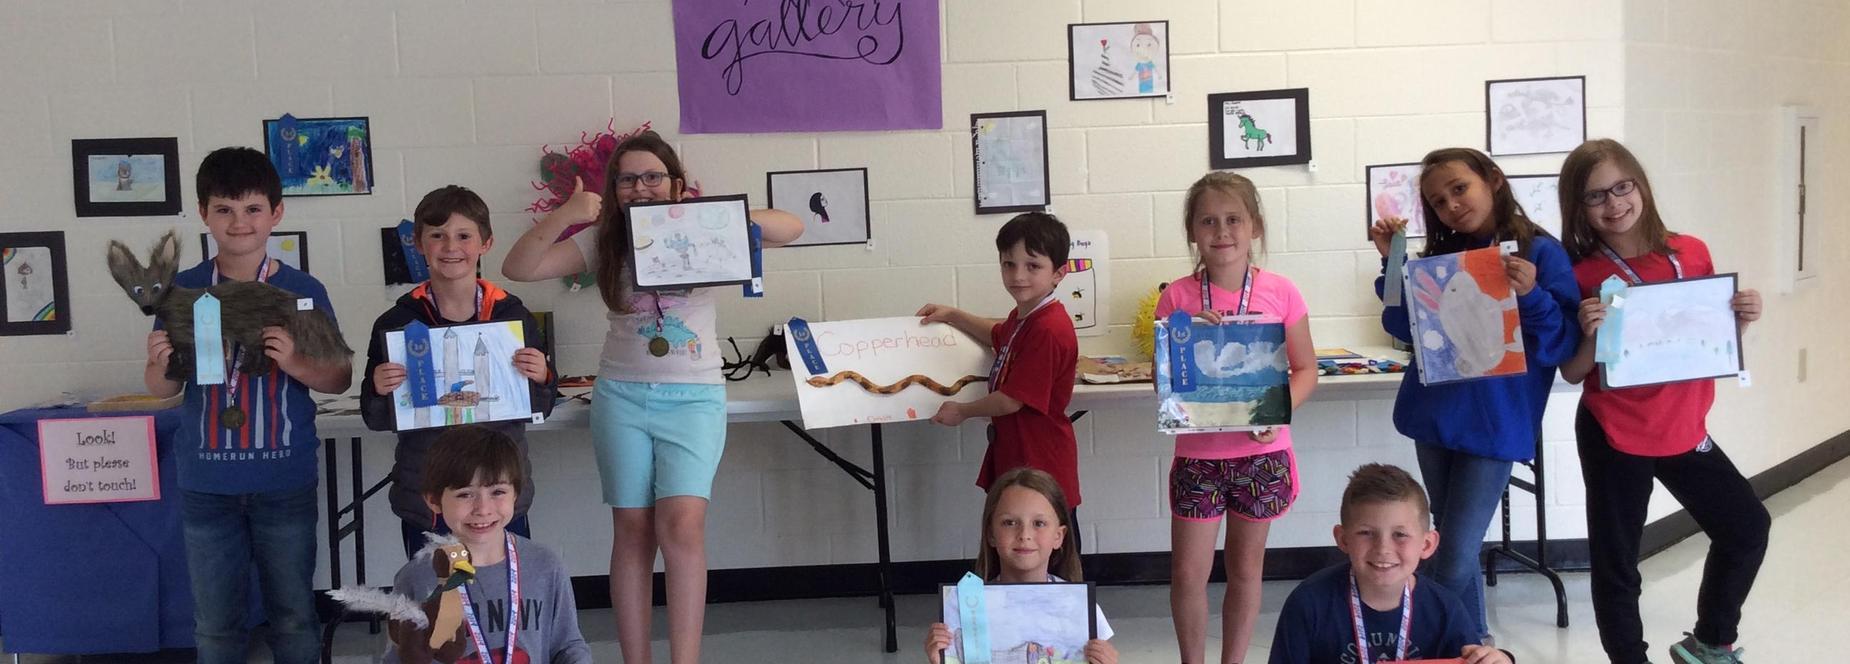 art show participants